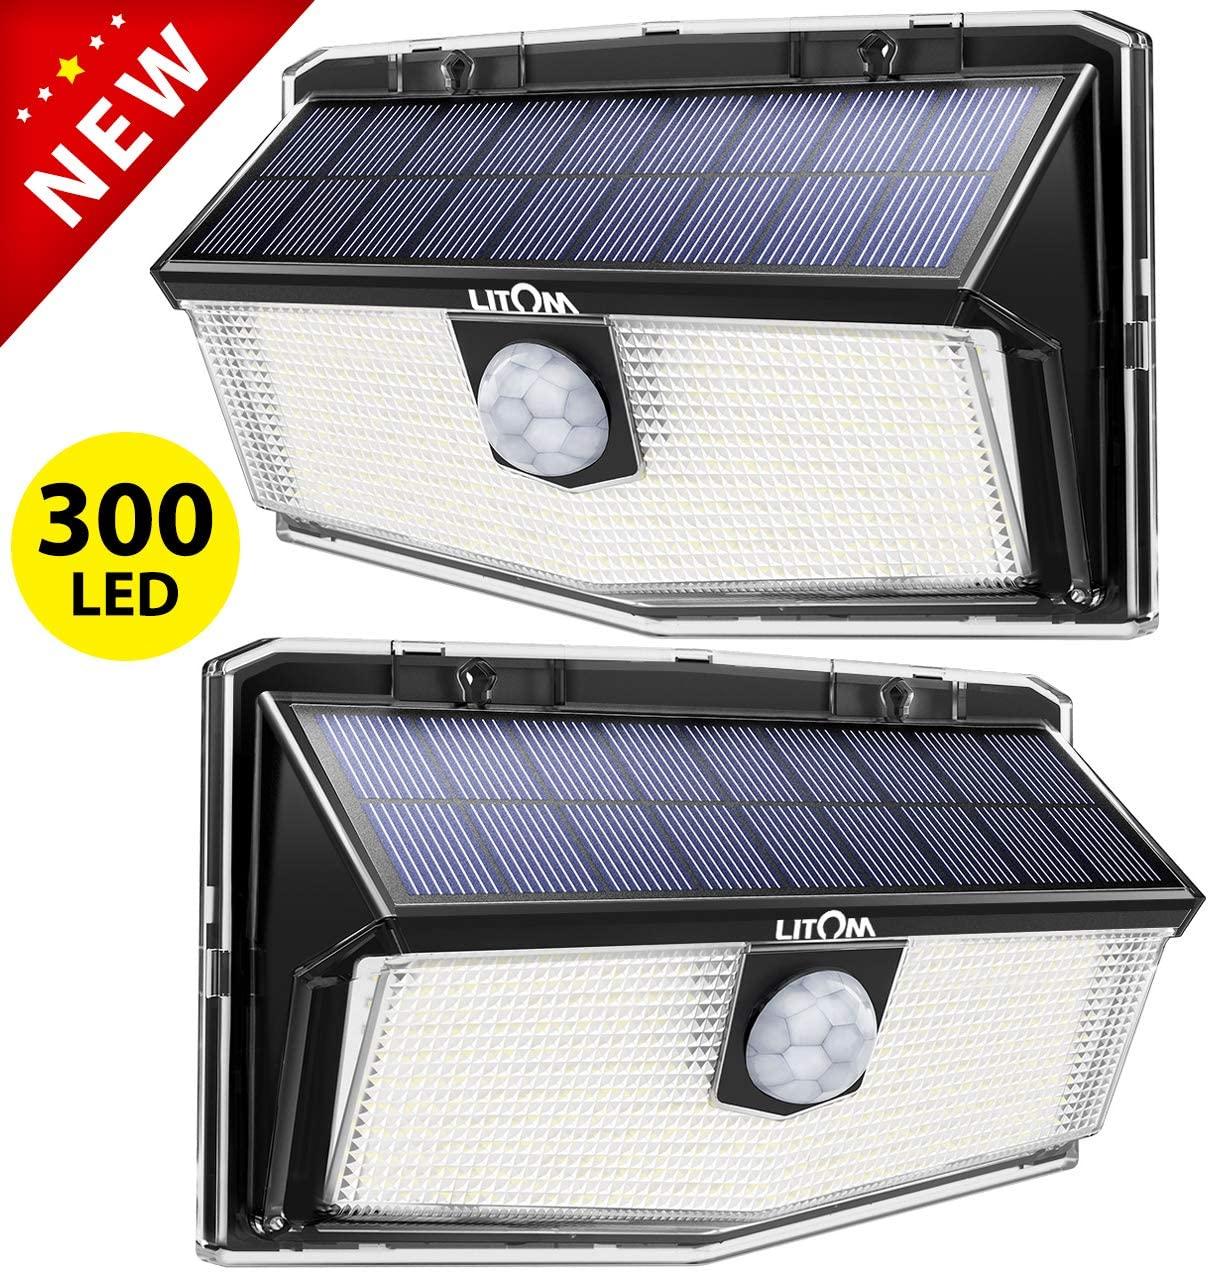 Lot de 2 Lampes solaires d'extérieur Litom (300 LED) - Détecteur de mouvement, 3 Modes, Étanche IP67 (Vendeur tiers)